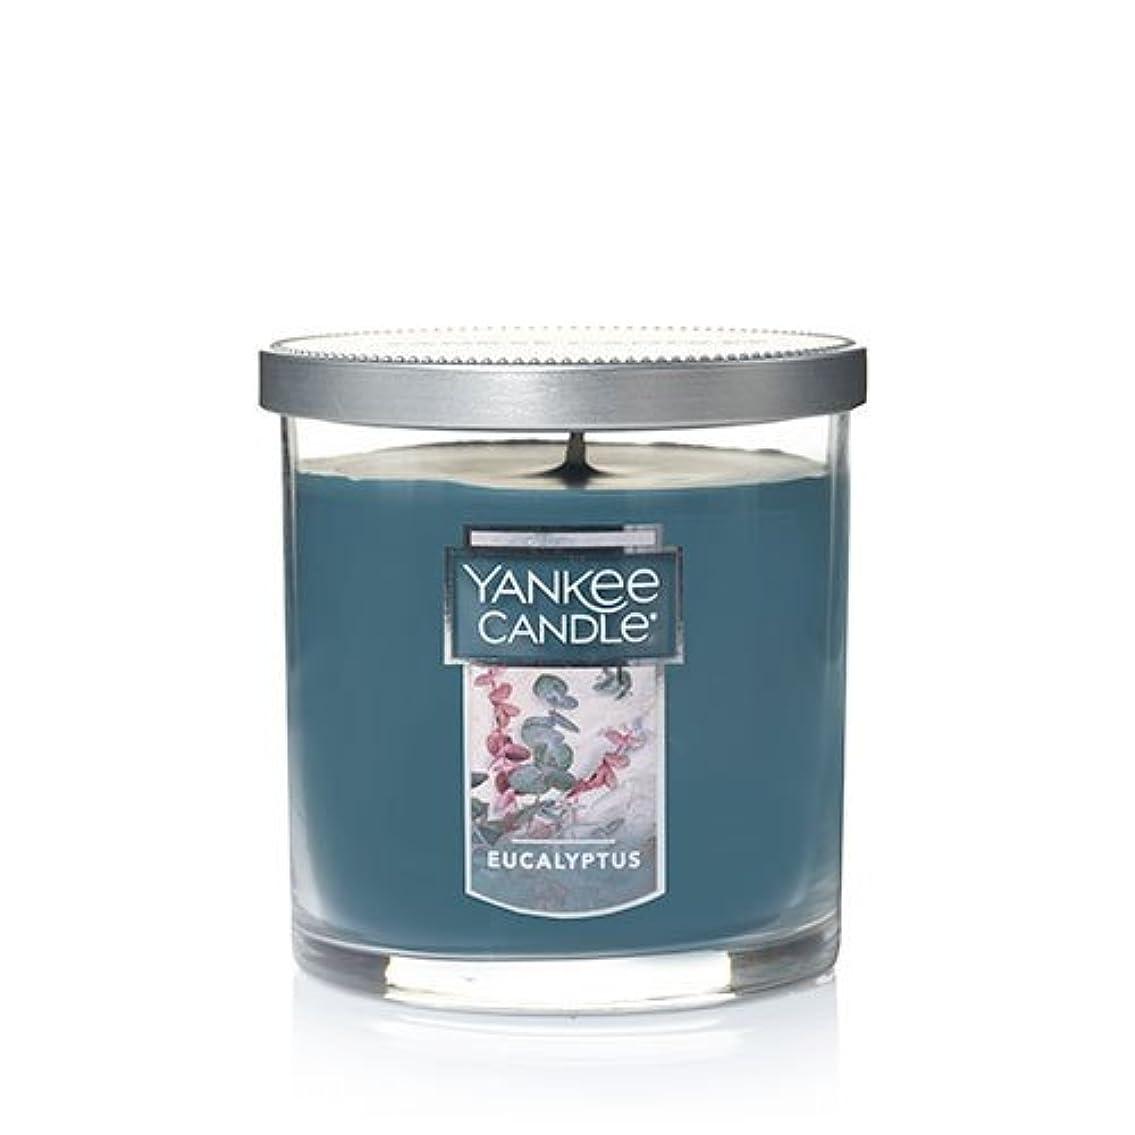 ロデオビールボウルYankee Candleユーカリ、新鮮な香り Small Single Wick Tumbler Candle グリーン 1185969Z